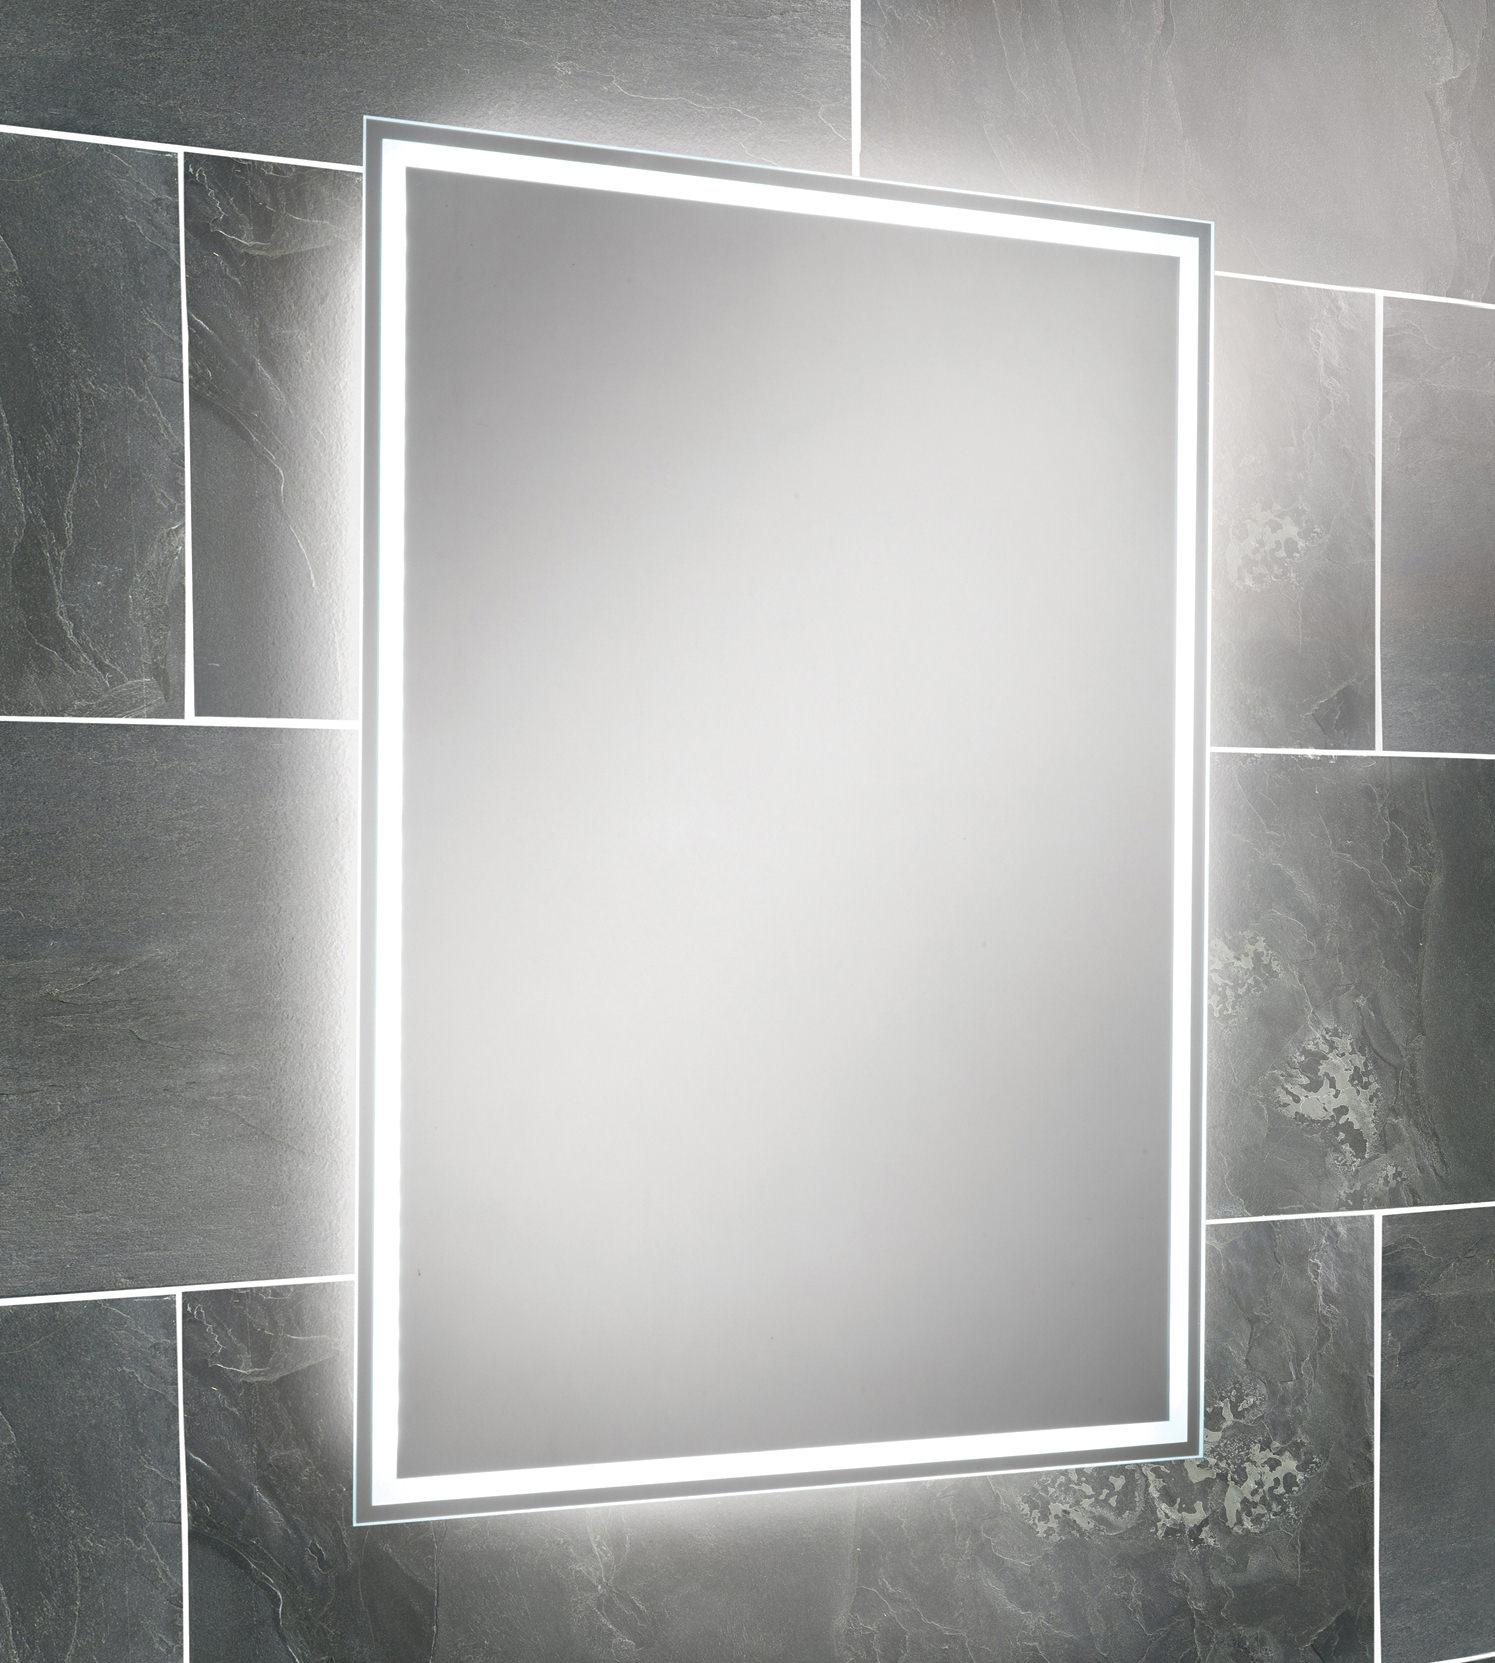 Illuminated bathroom mirrors ikea - Hib Ella Steam Free Led Back Lit Bathroom Mirror 700 X 500mm